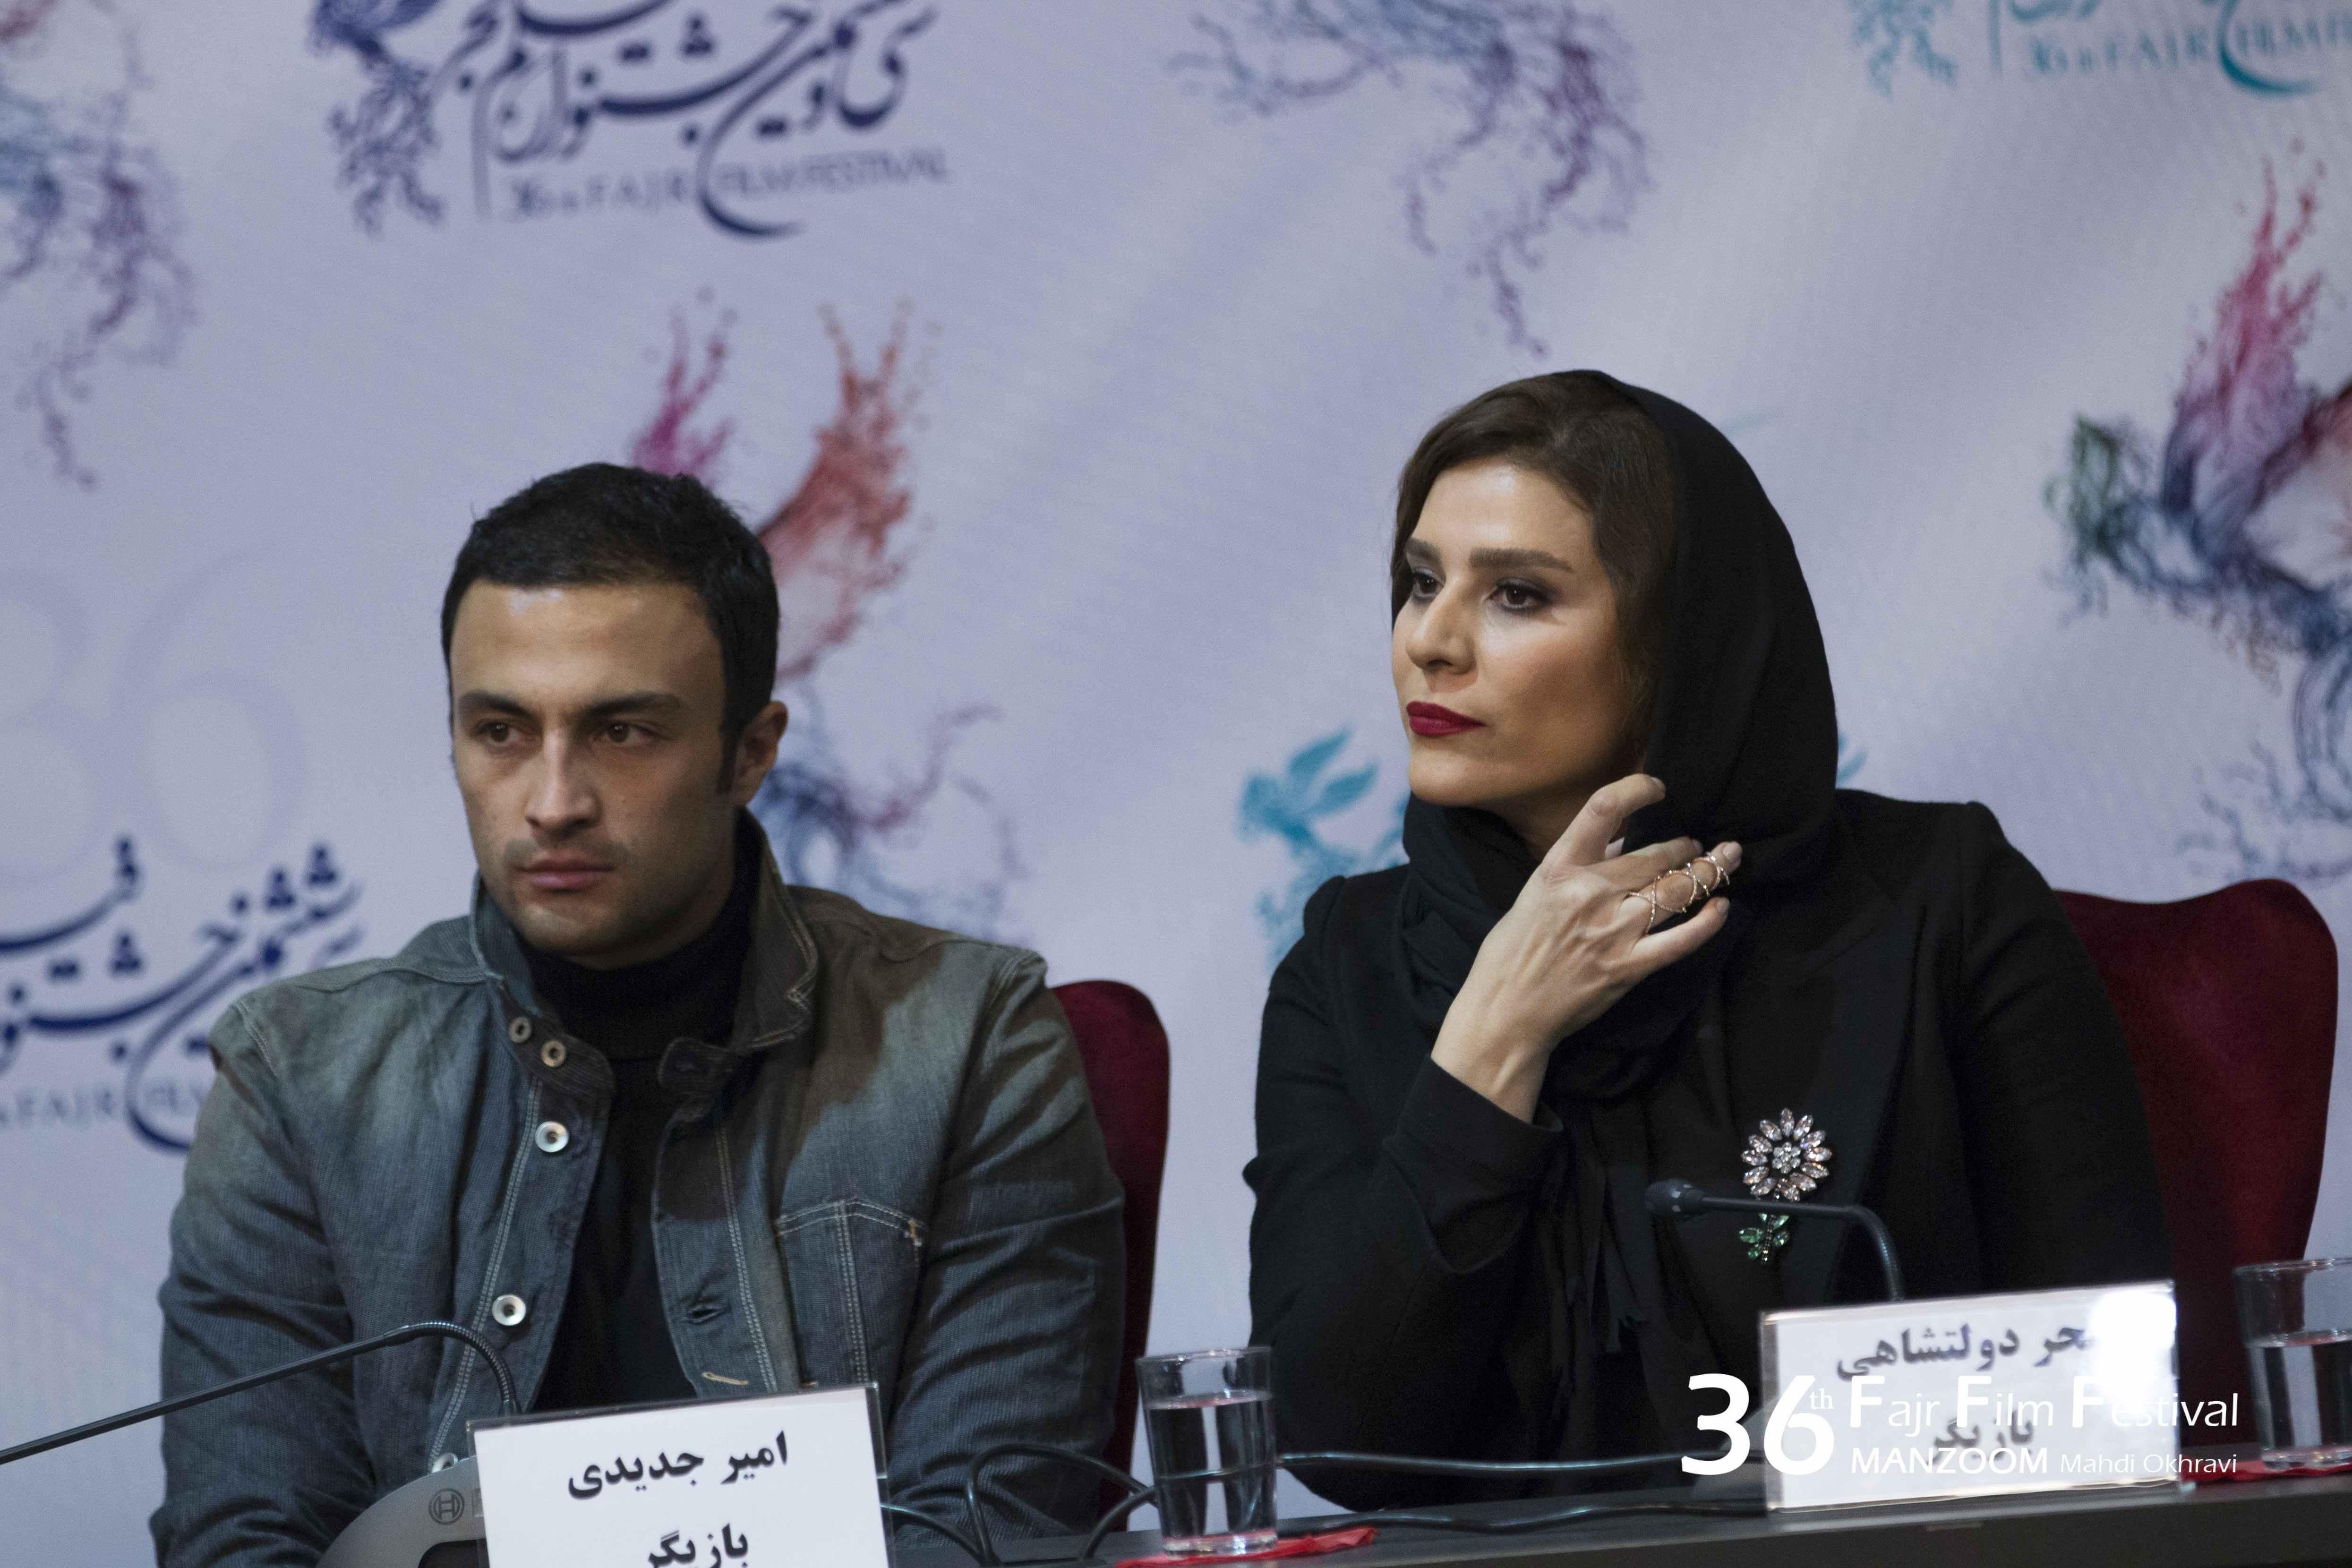 سحر دولتشاهی و امیر جدیدی در نشست خبری فیلم سینمایی عرق سرد